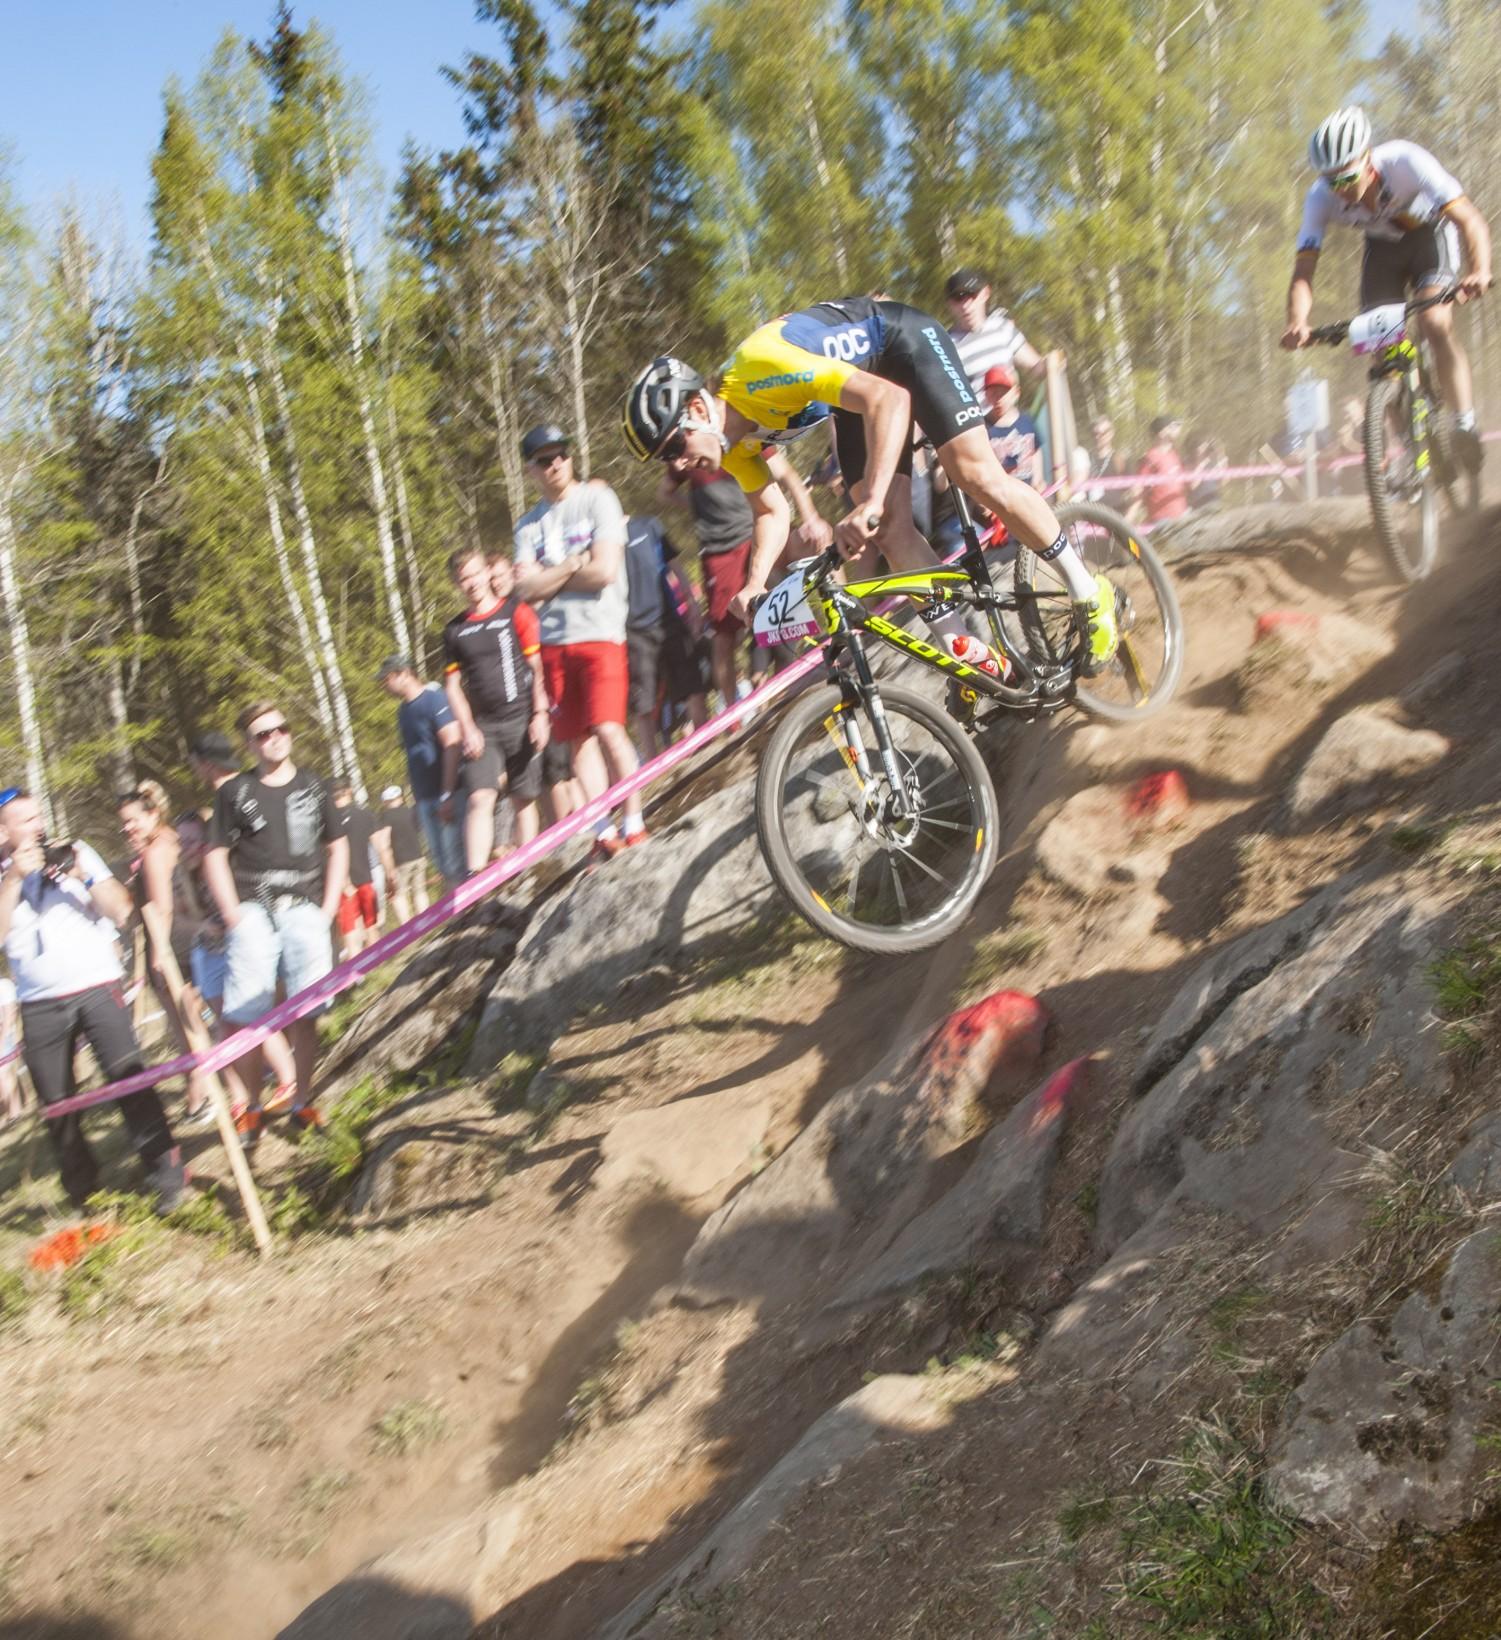 Jesper_Andersson__JAN9243_www.jeppman.com